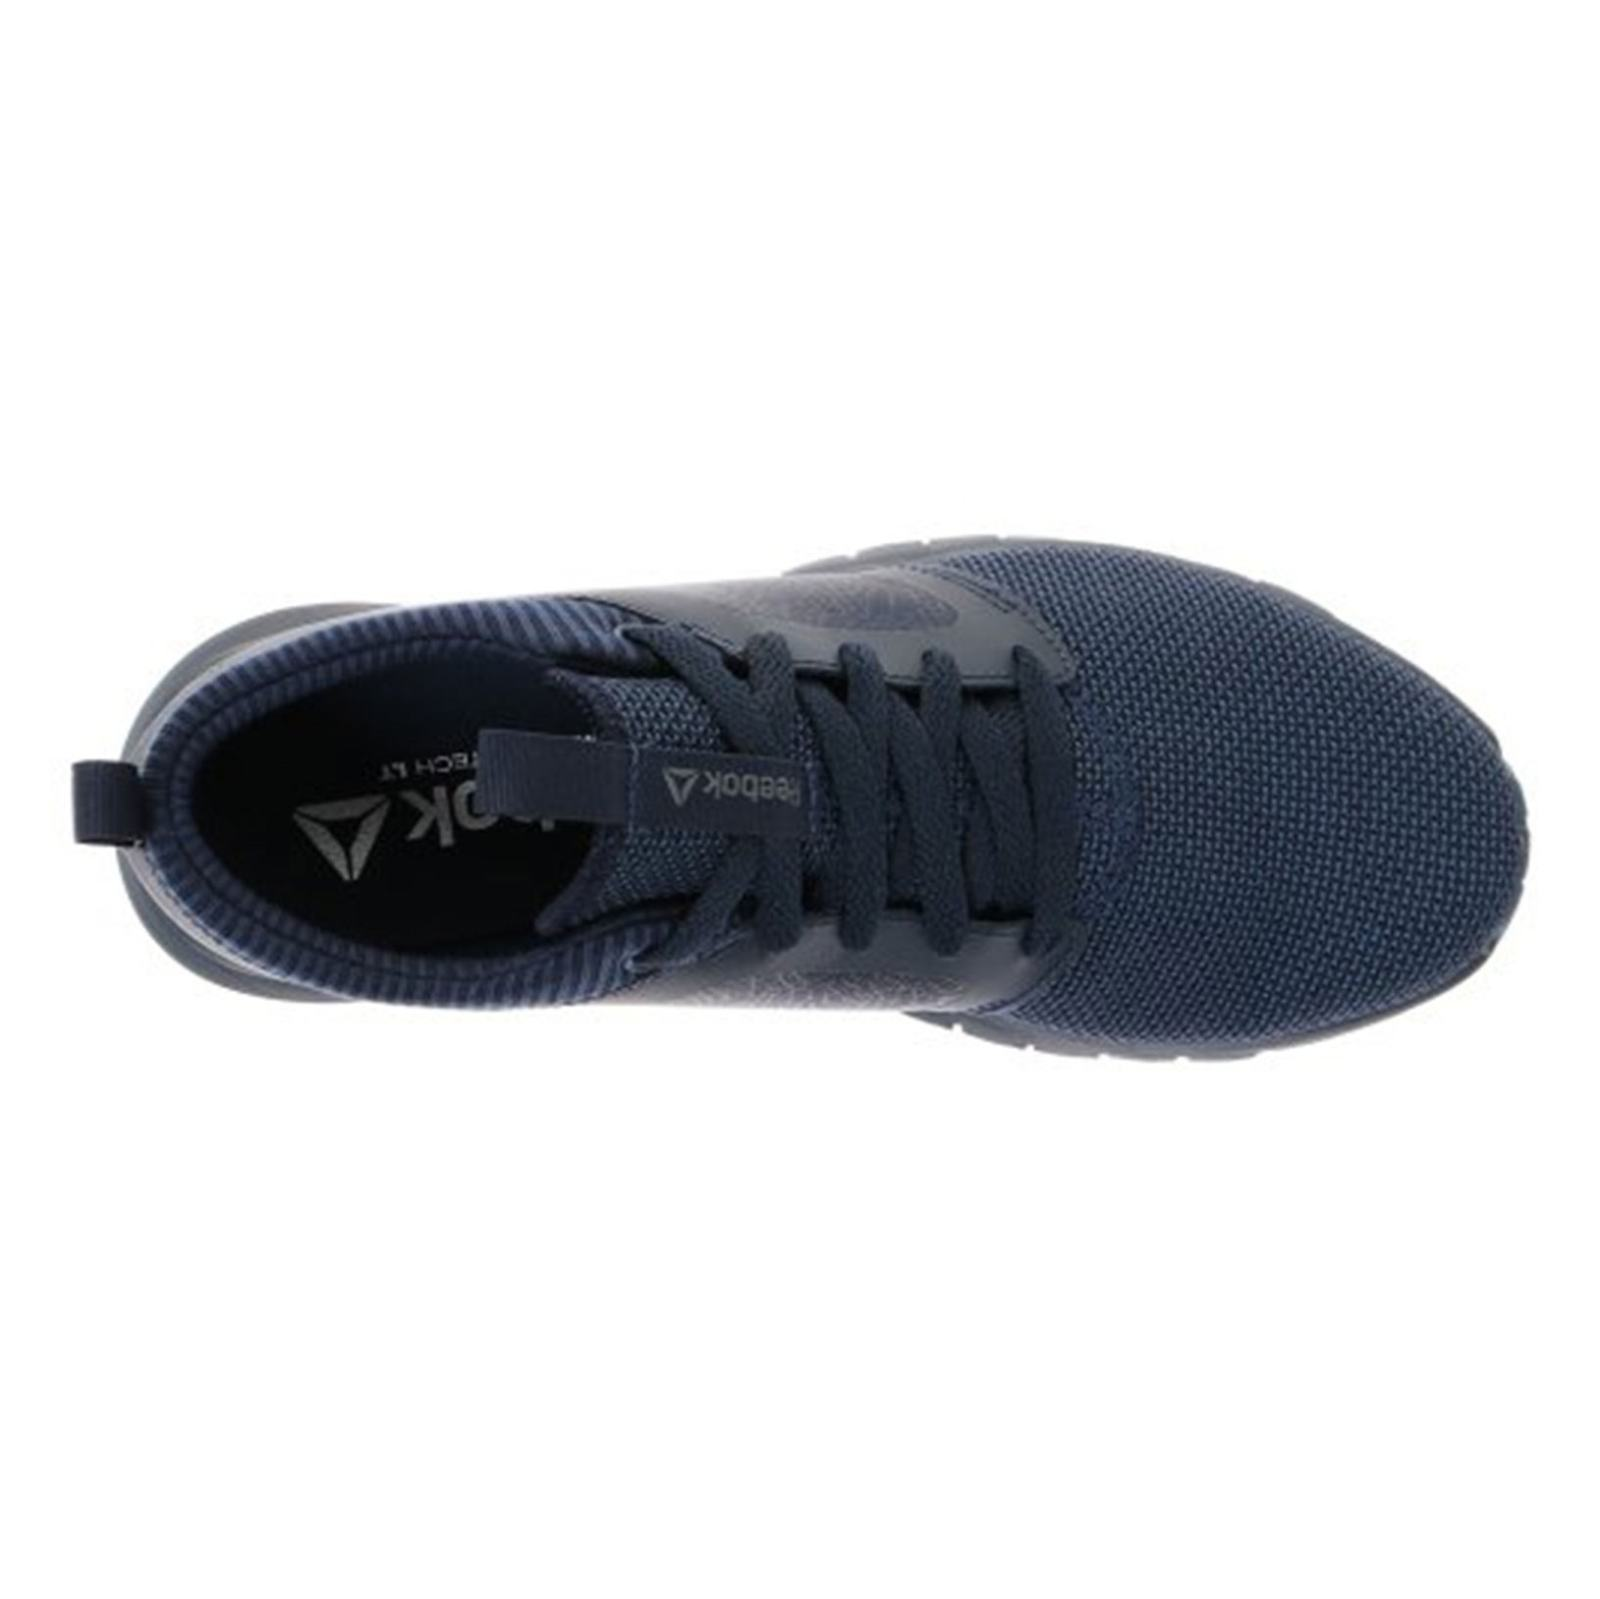 کفش دویدن بندی مردانه Athlux Shatr - ریباک - سرمه ای - 4